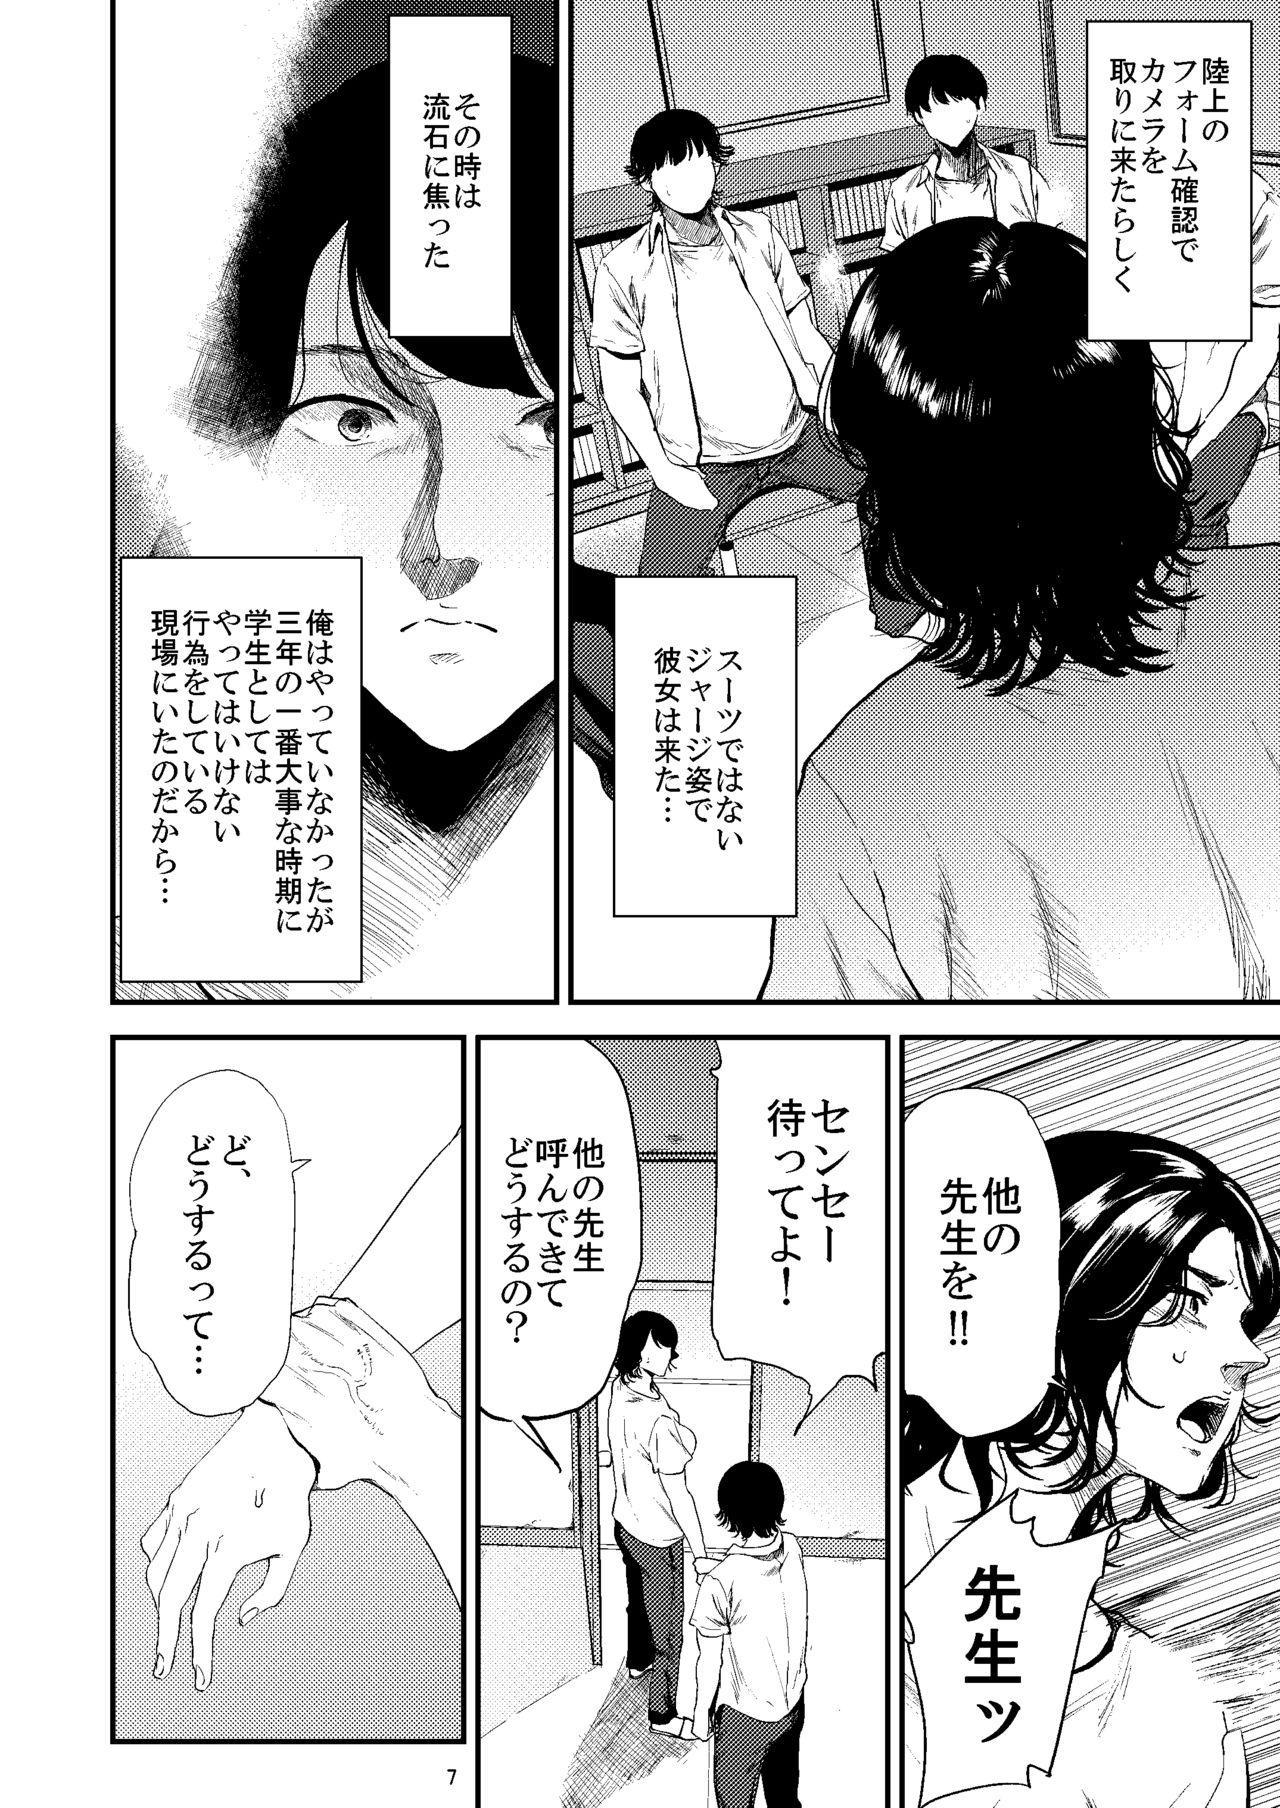 Sukoshi Ki no Tsuyoi Rika no Sensei ga Seito ni Moteasobareru H Na Hon 6